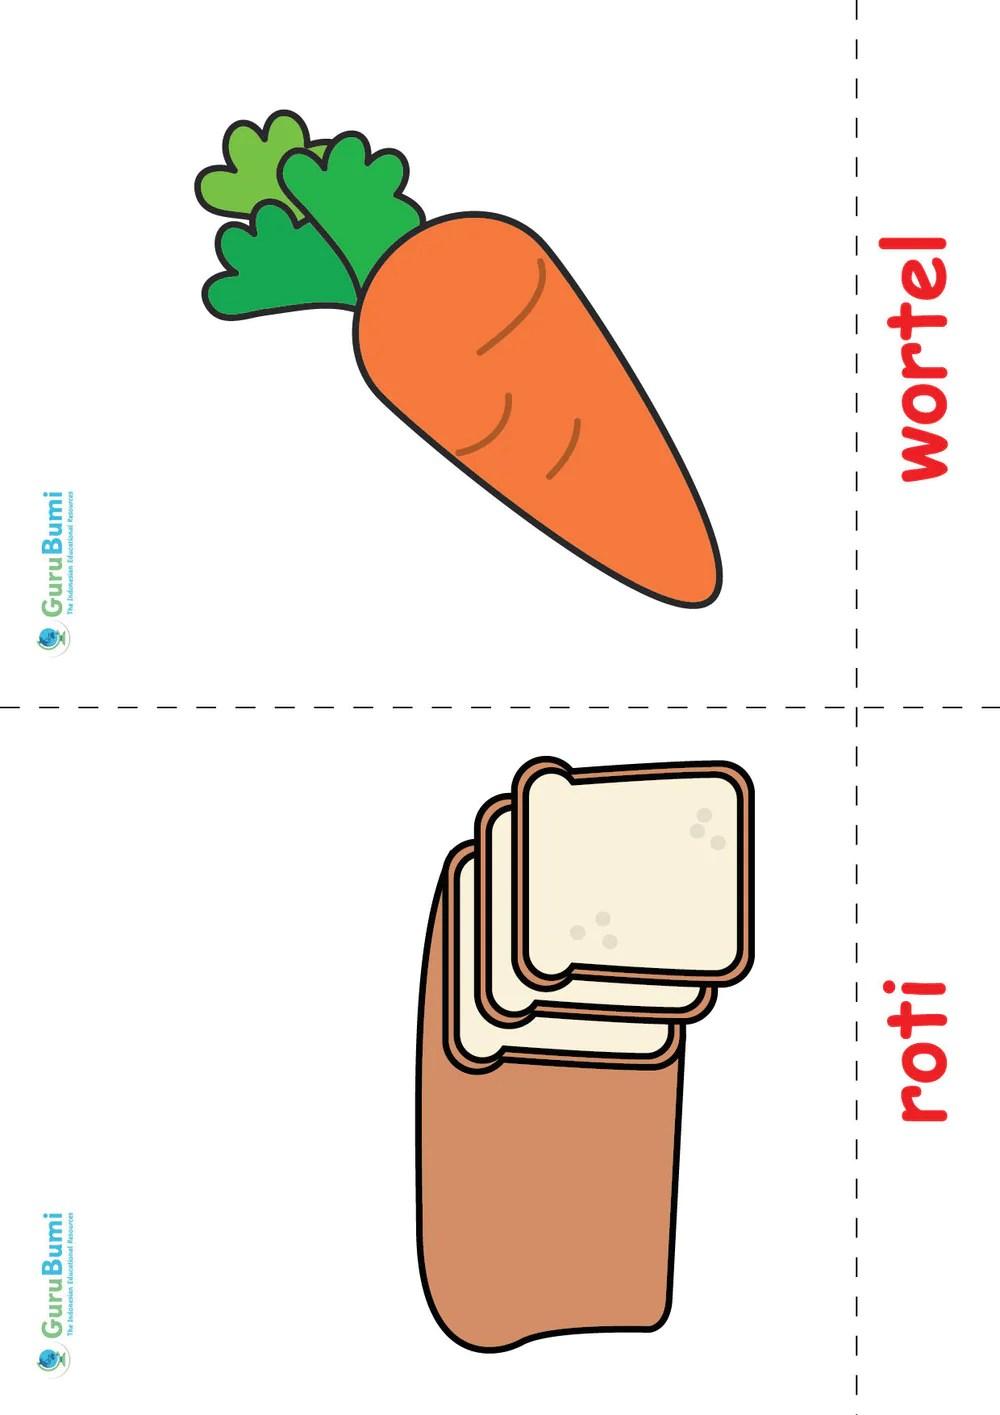 Mewarnai Makanan Sehat : mewarnai, makanan, sehat, Contoh, Gambar, Mewarnai, Makanan, Empat, Sehat, Sempurna, KataUcap